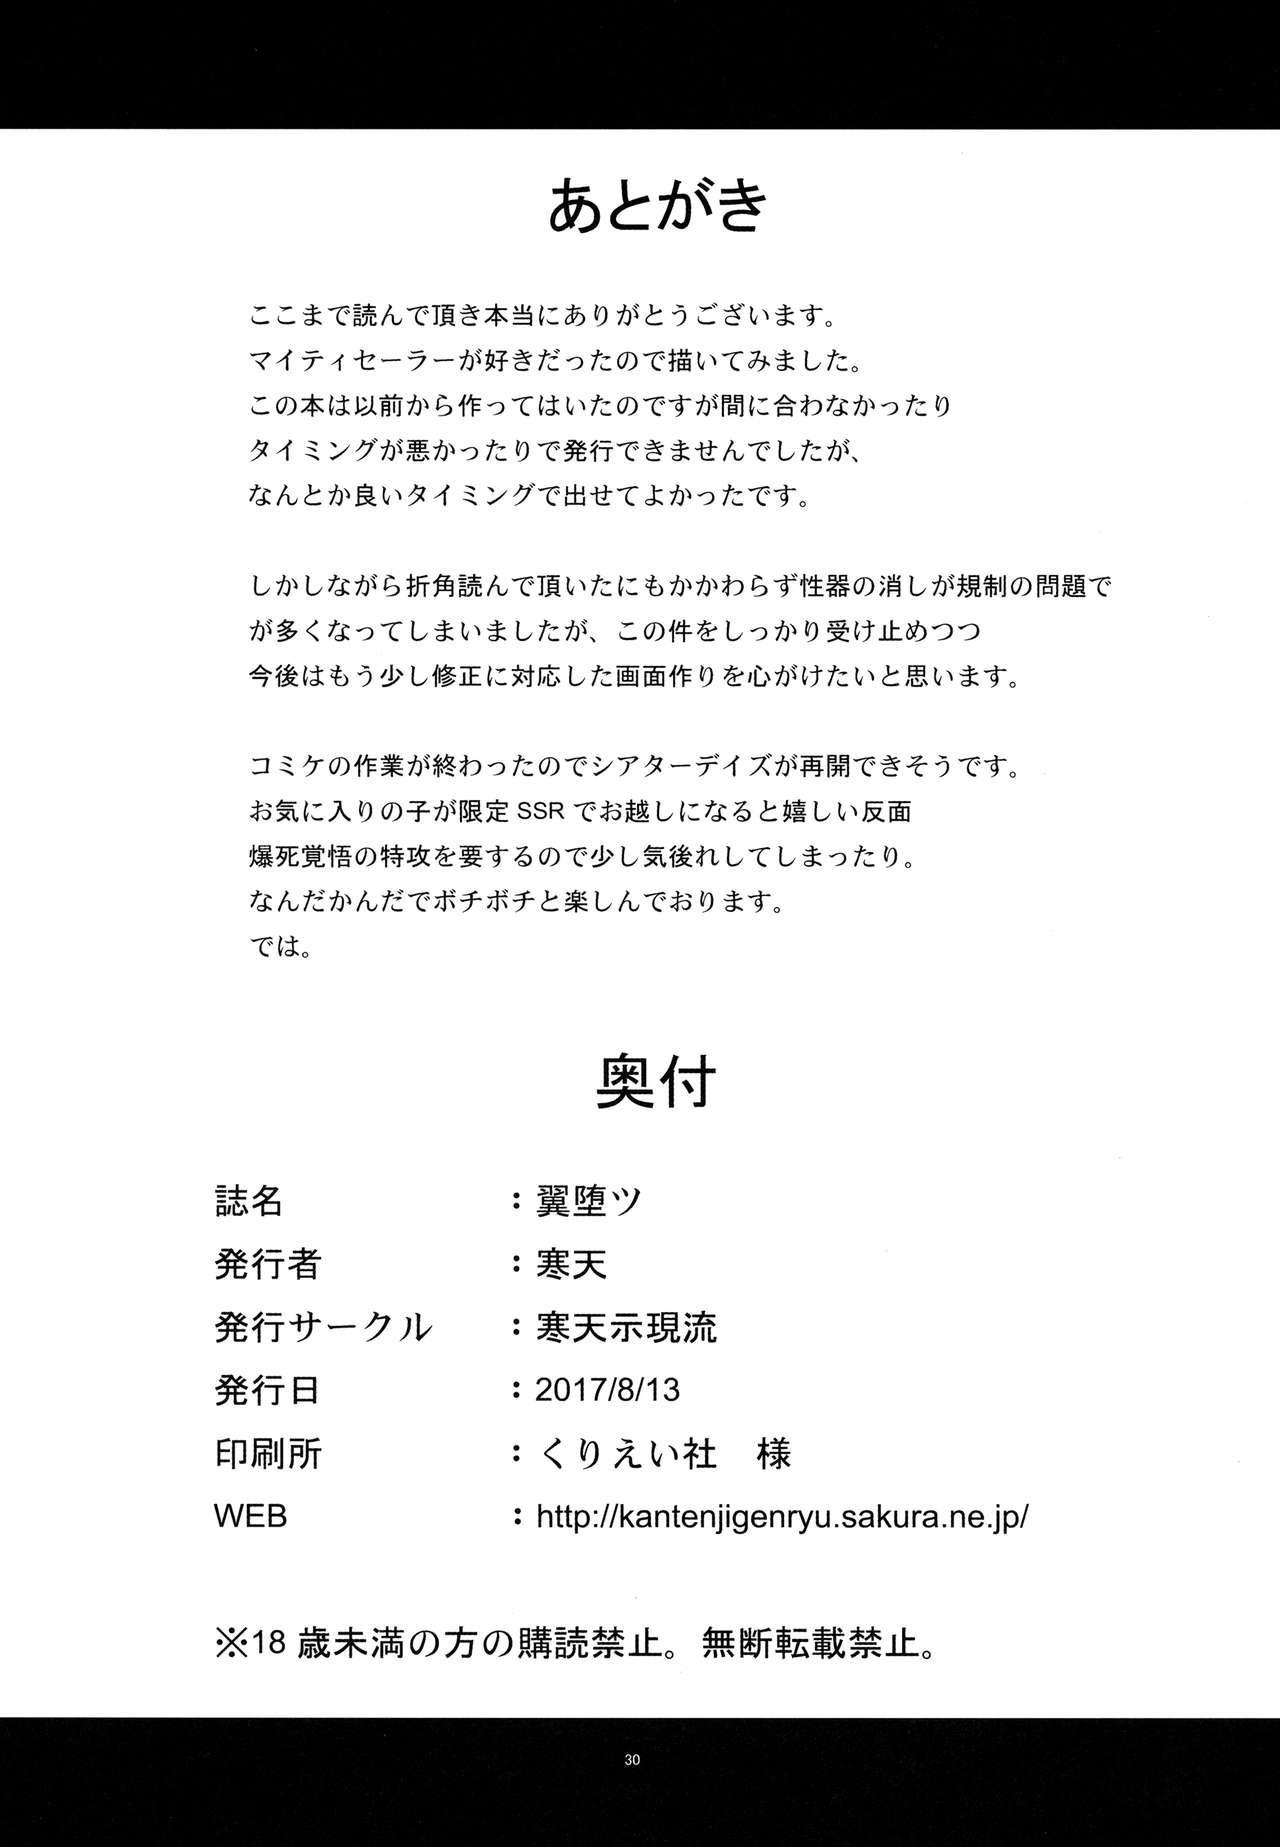 Tsubasa Otsu 28